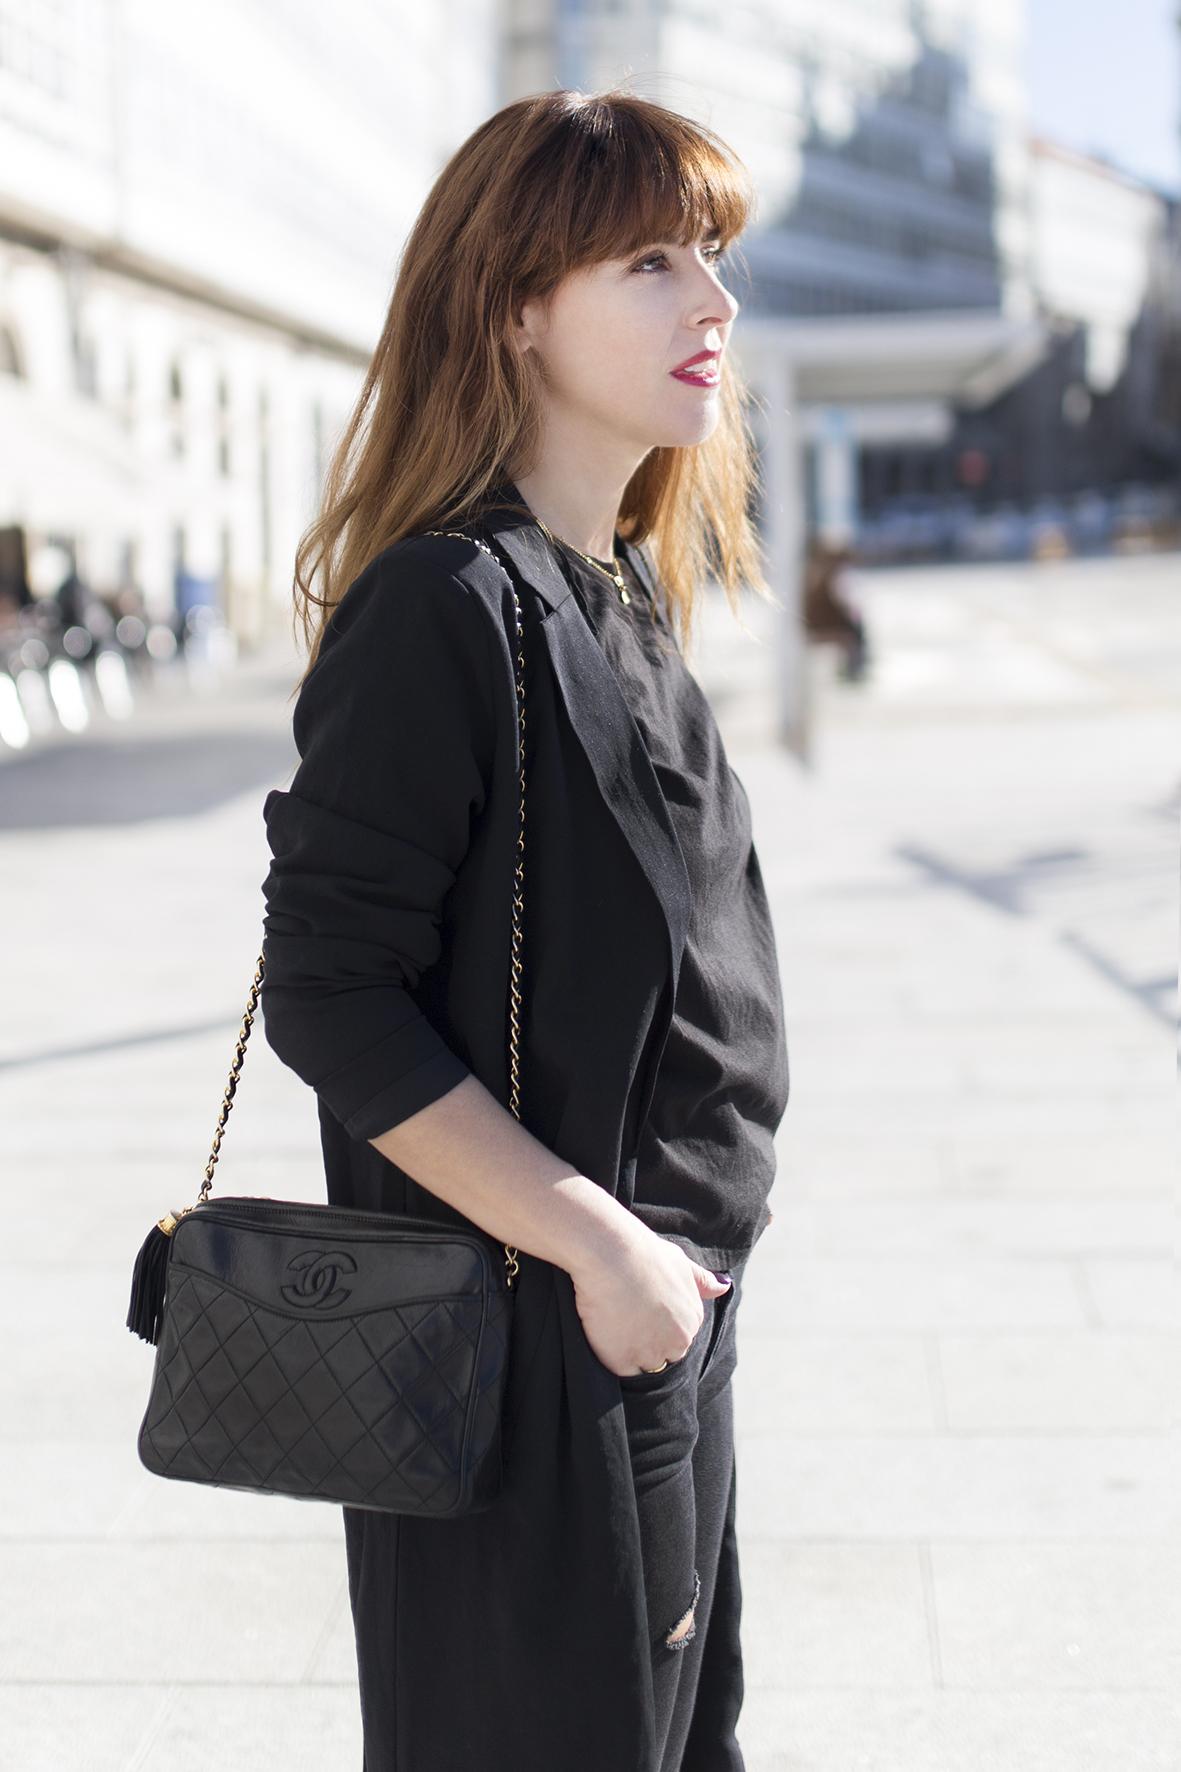 descalzaporelparque- blogger-Black look-chanel bag-Vintage Chanel-American Vintage-moda-calle-Coruña